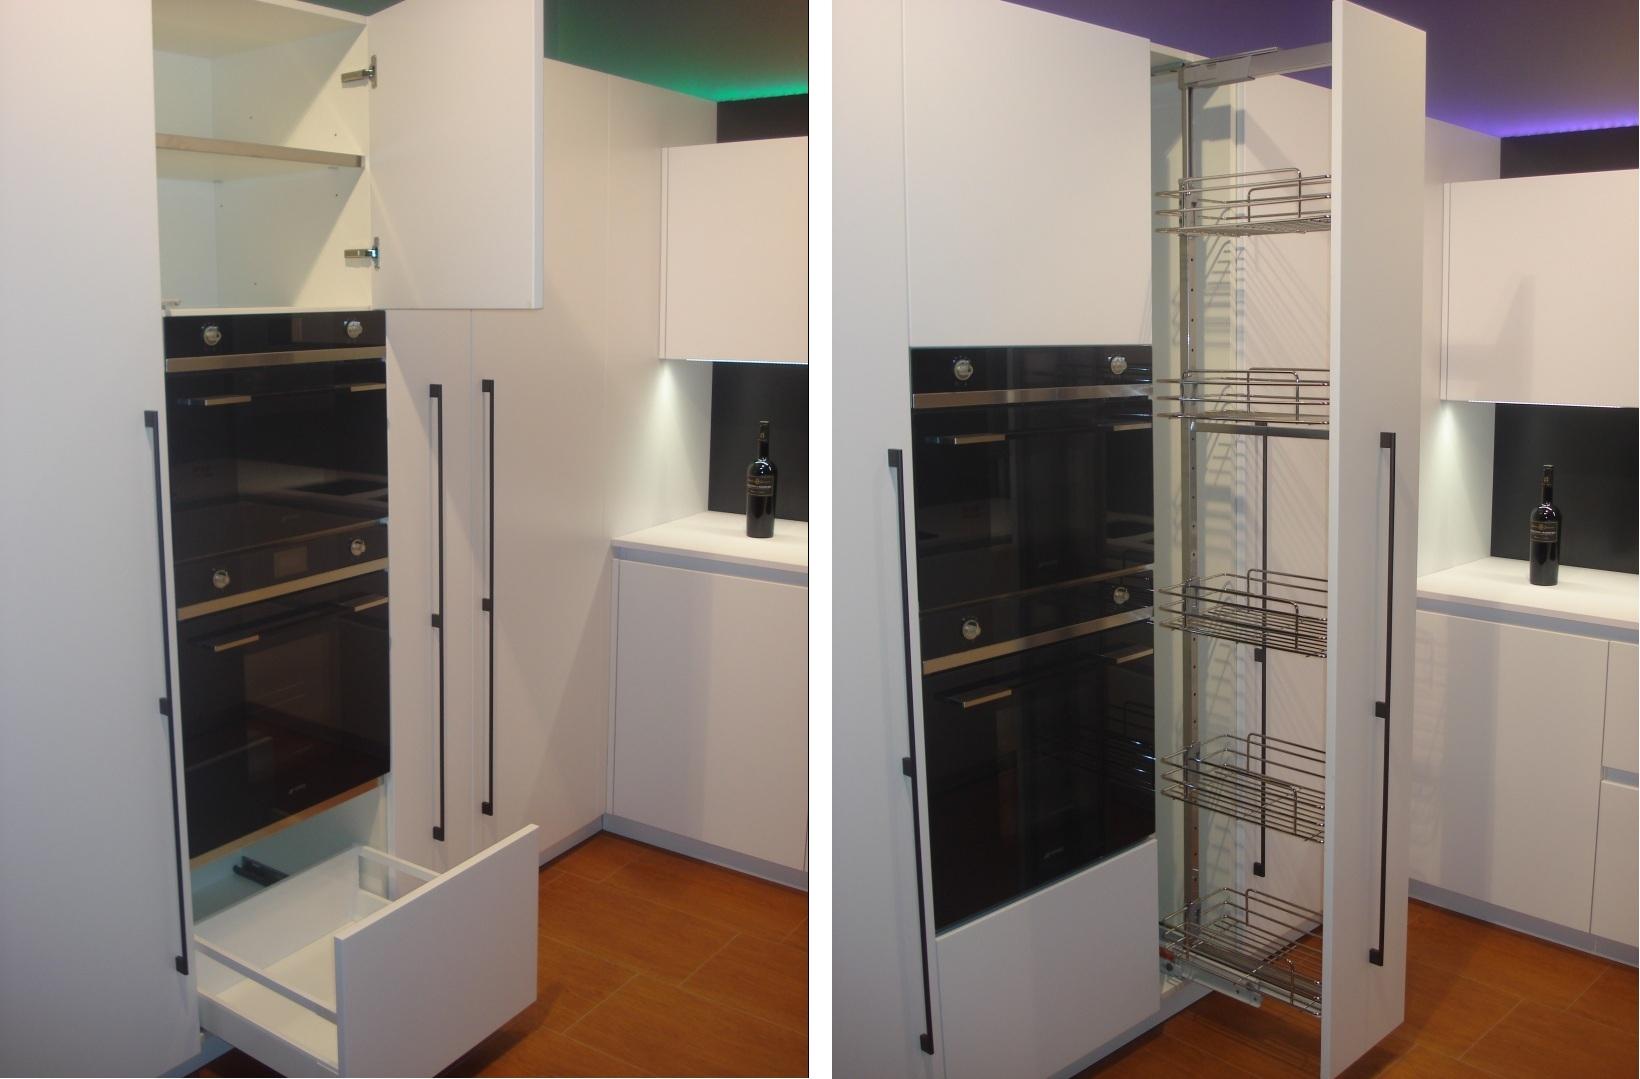 Cucina Alta cucine Sistema 22 scontato del -48 % - Cucine a prezzi ...